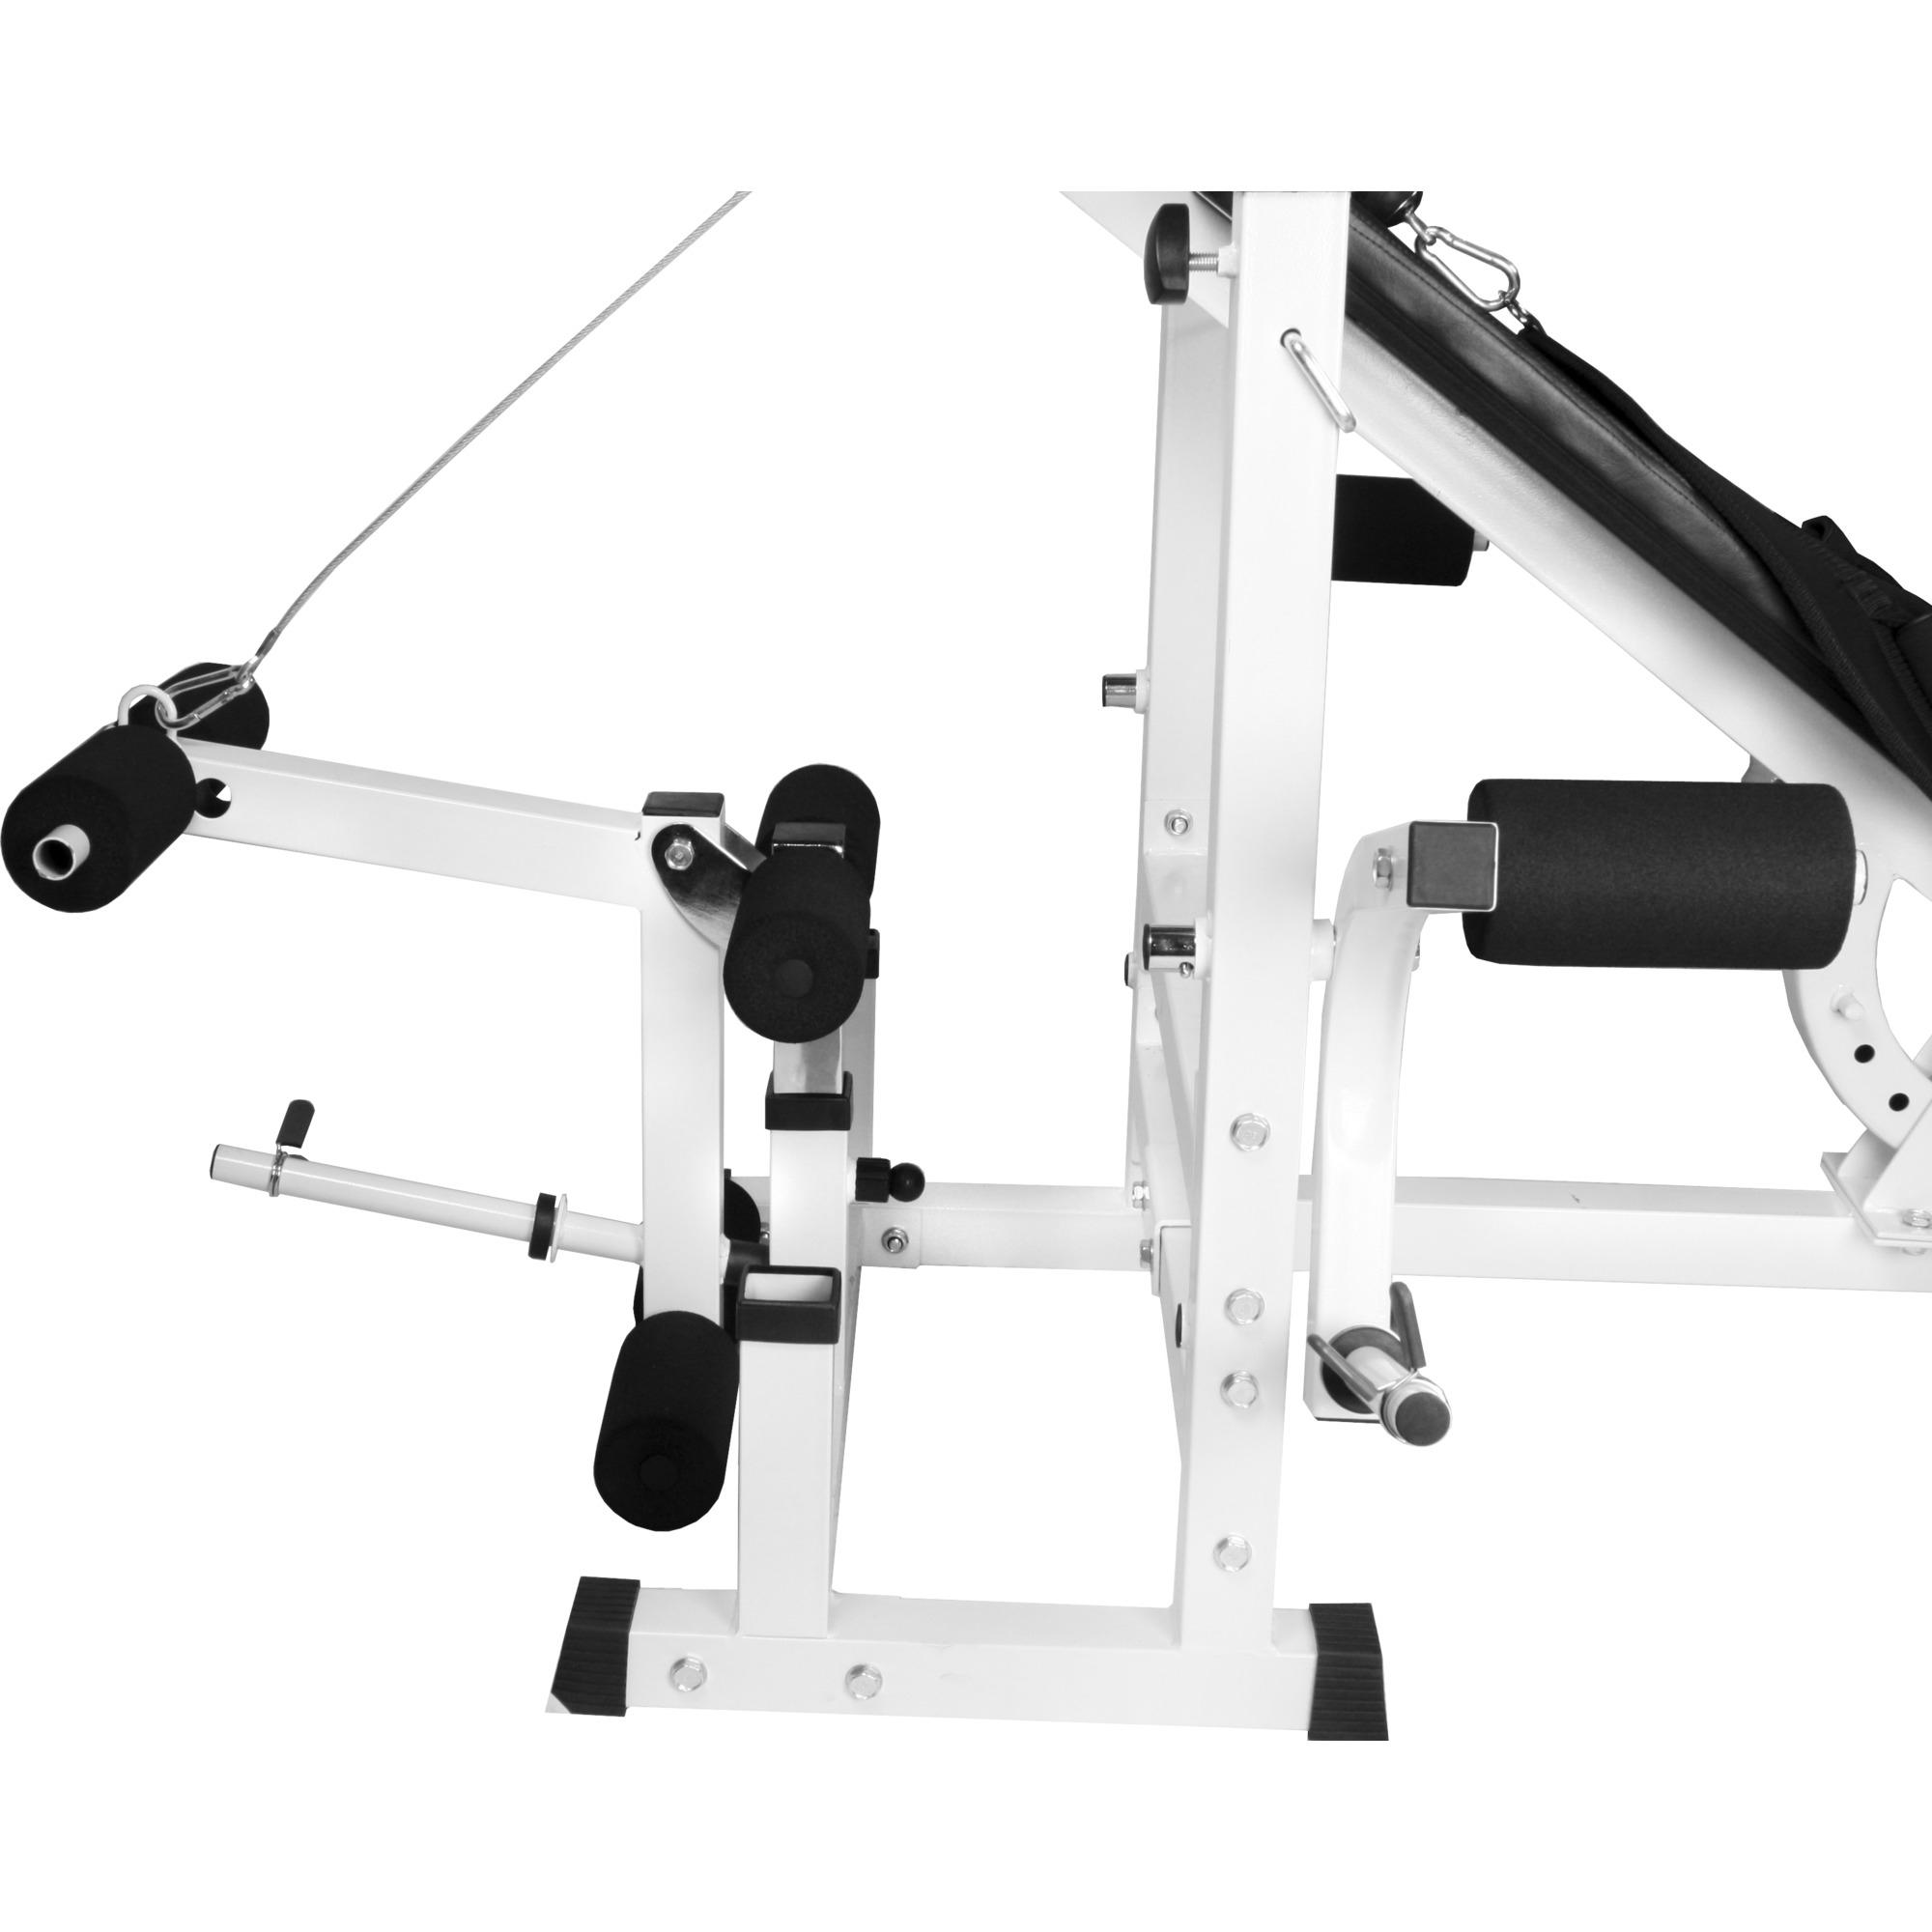 Banc De Musculation Universel Avec Support Haltères Universalyf E55